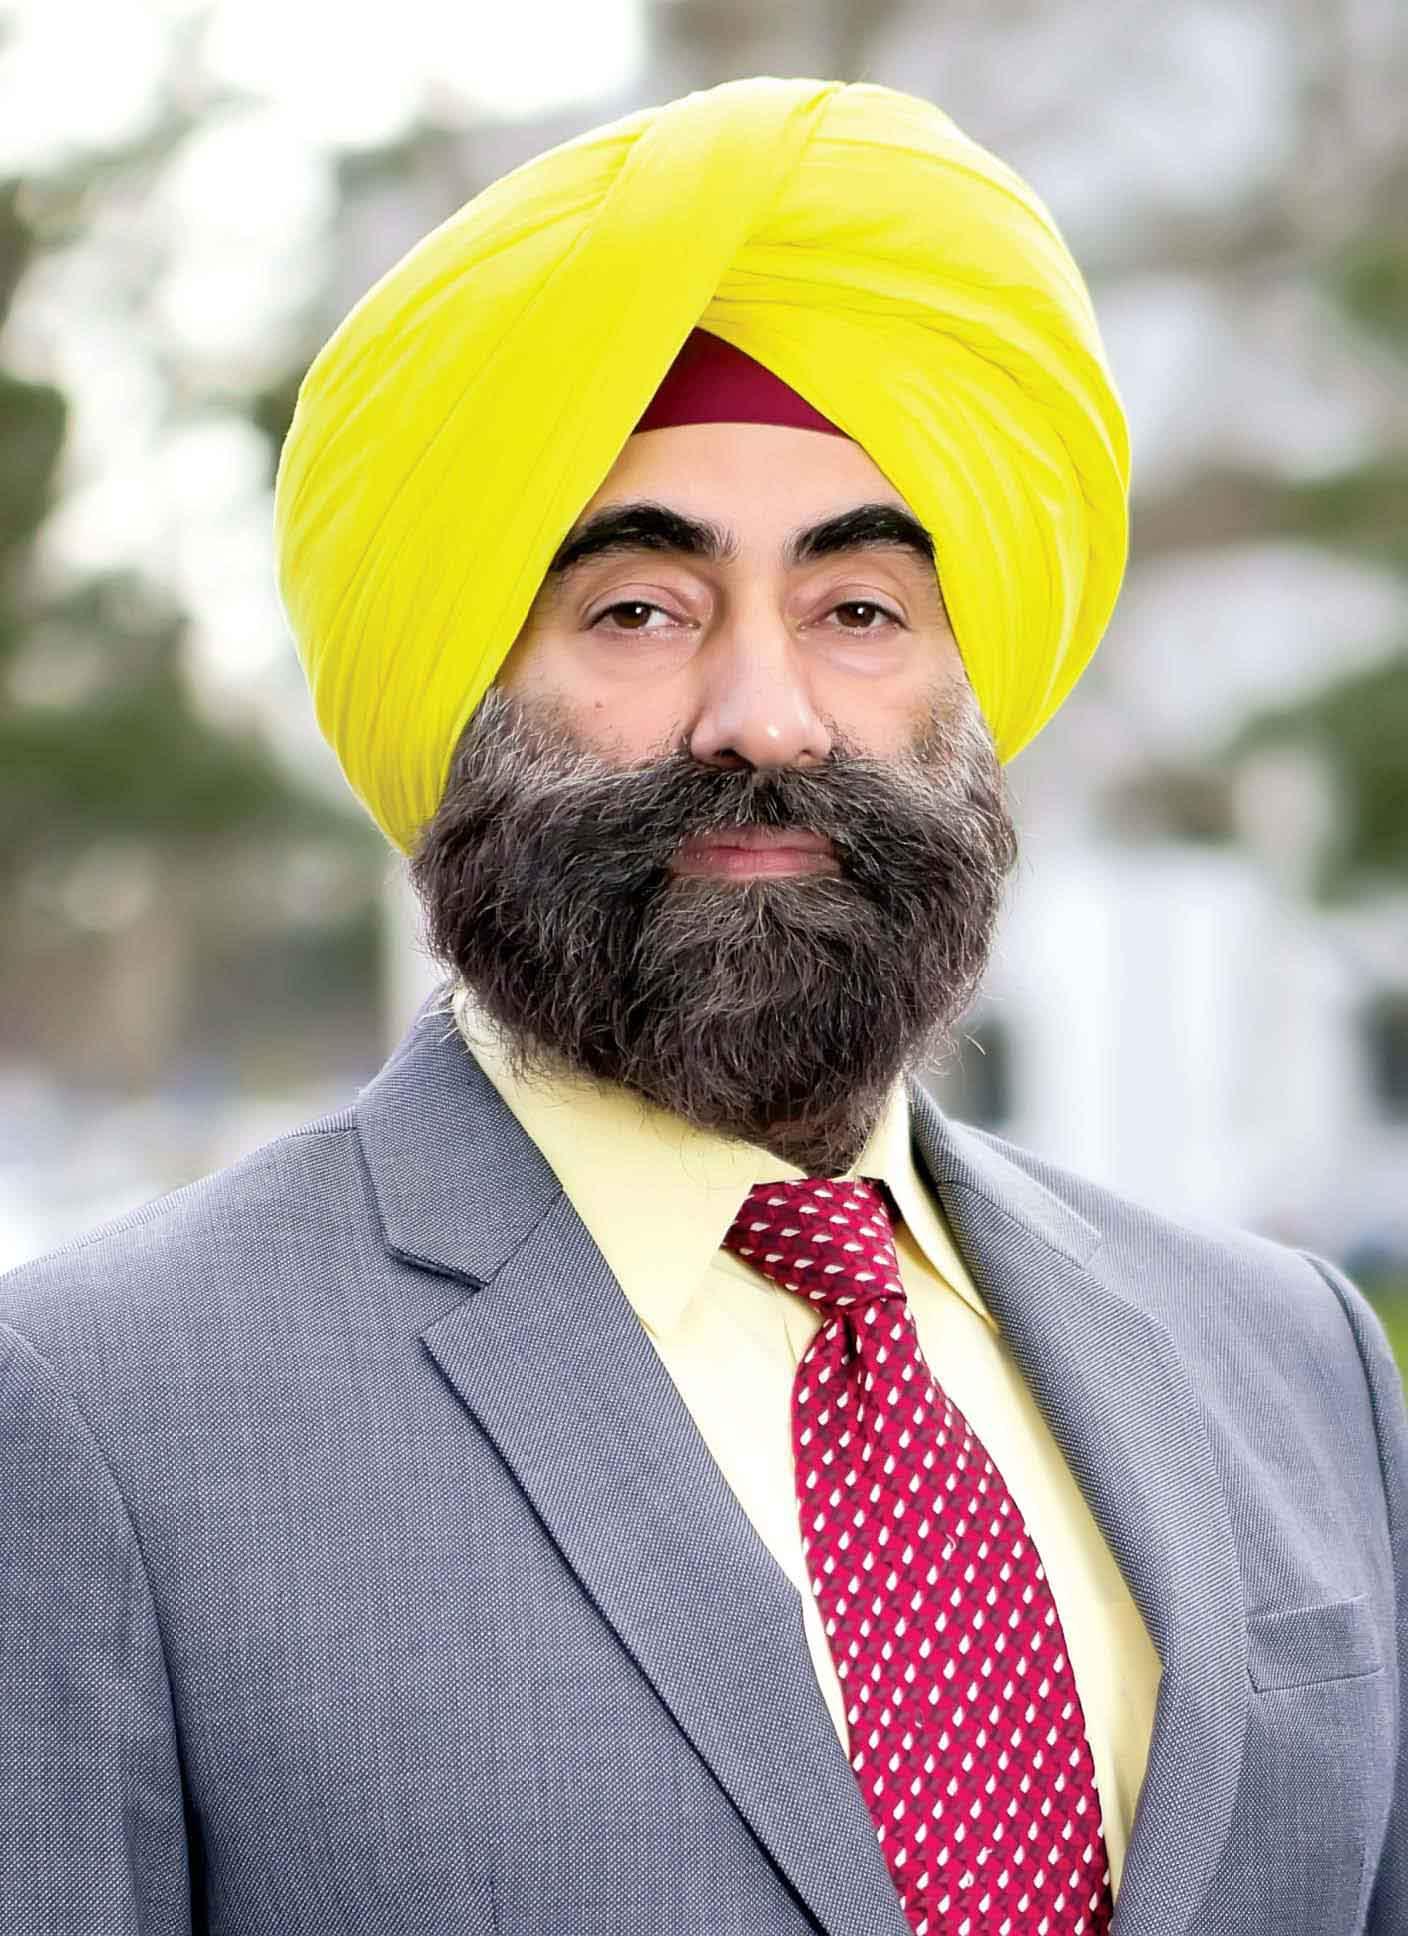 Dr.Ratinder Paul Singh Ahuja